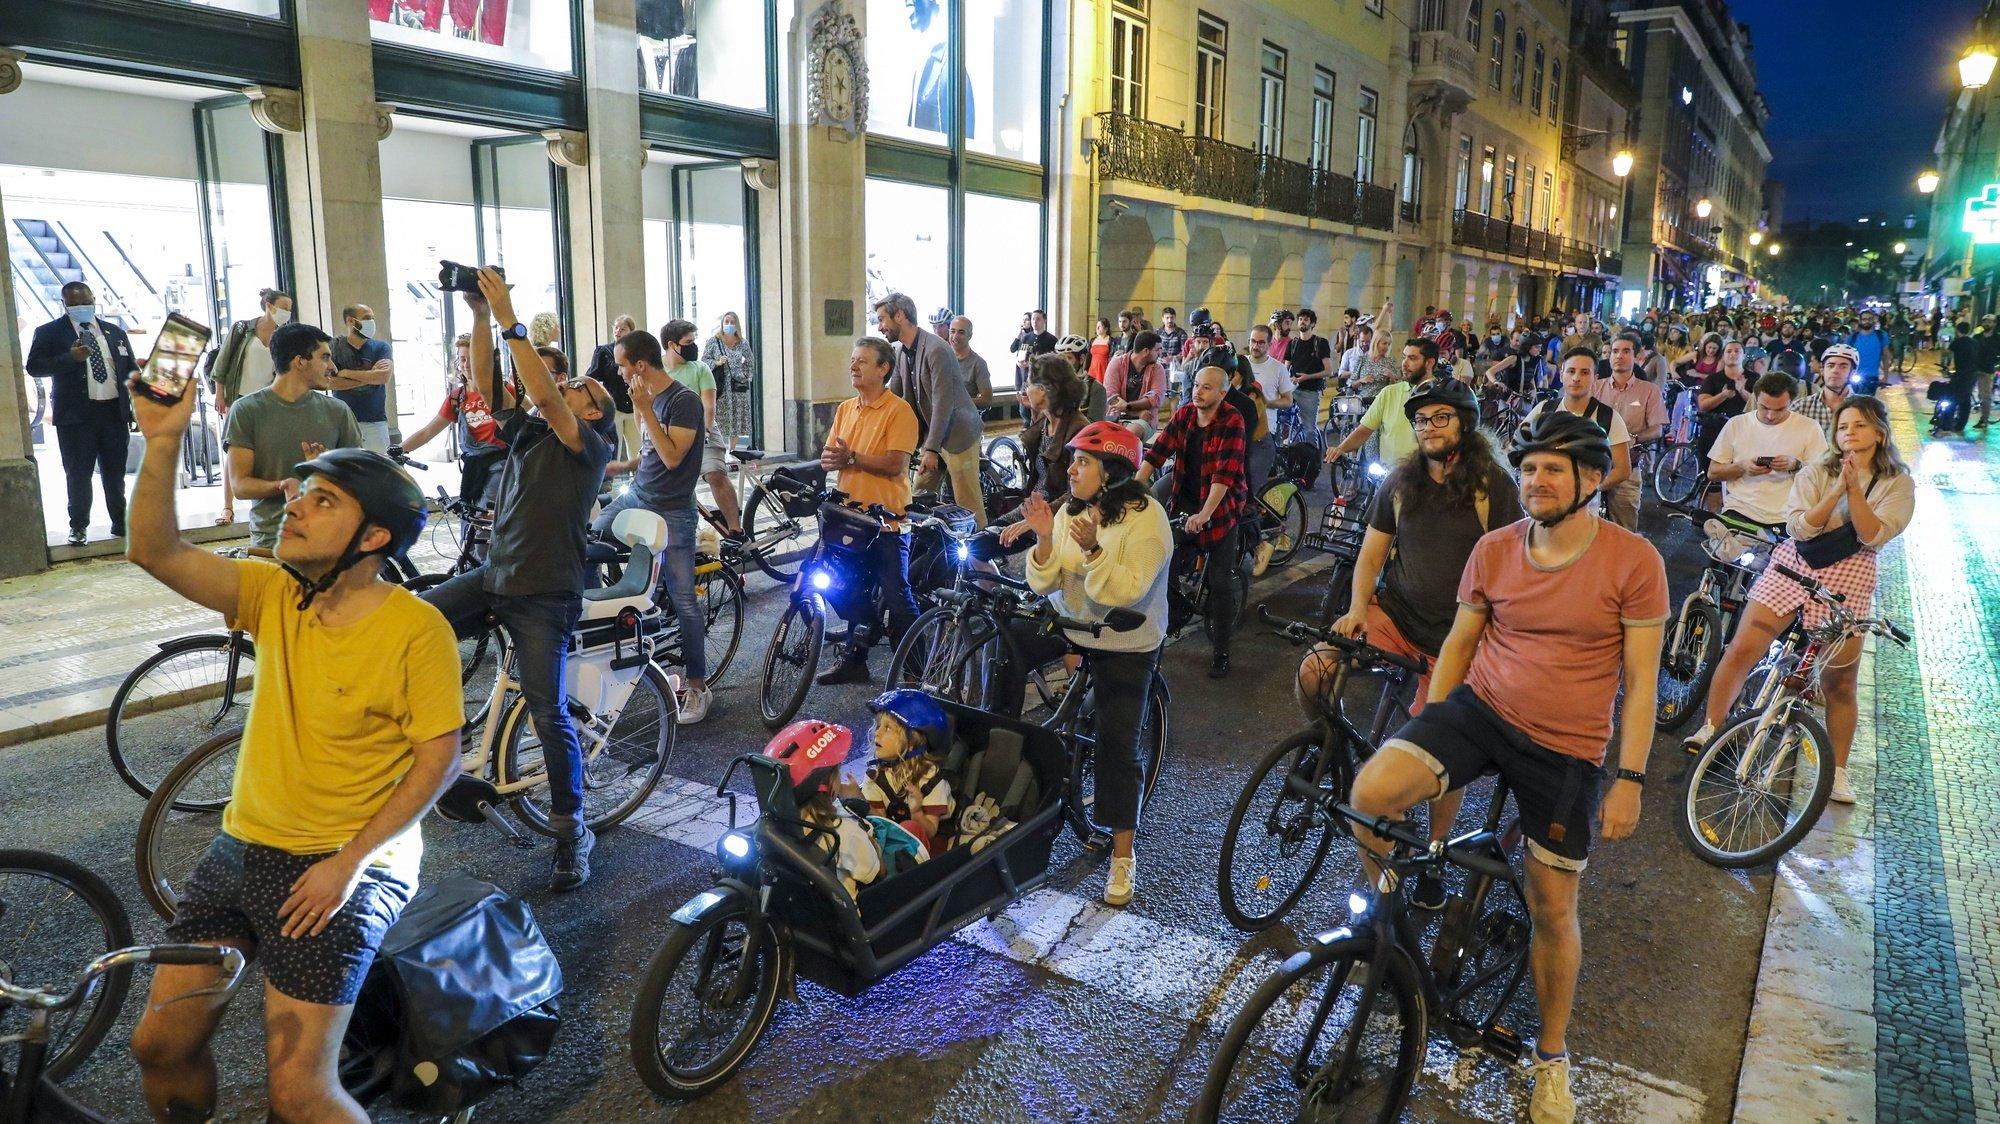 Ciclistas participam numa manifestação em defesa da ciclovia da Almirante Reis, em Lisboa, 19 de outubro de 2021. Uma iniciativa do Lisboa Possível, Grupo de cidadãos por uma Lisboa Sustentável e teve um percurso entre o Martim Moniz e a Praça do Município. MIGUEL A. LOPES/LUSA